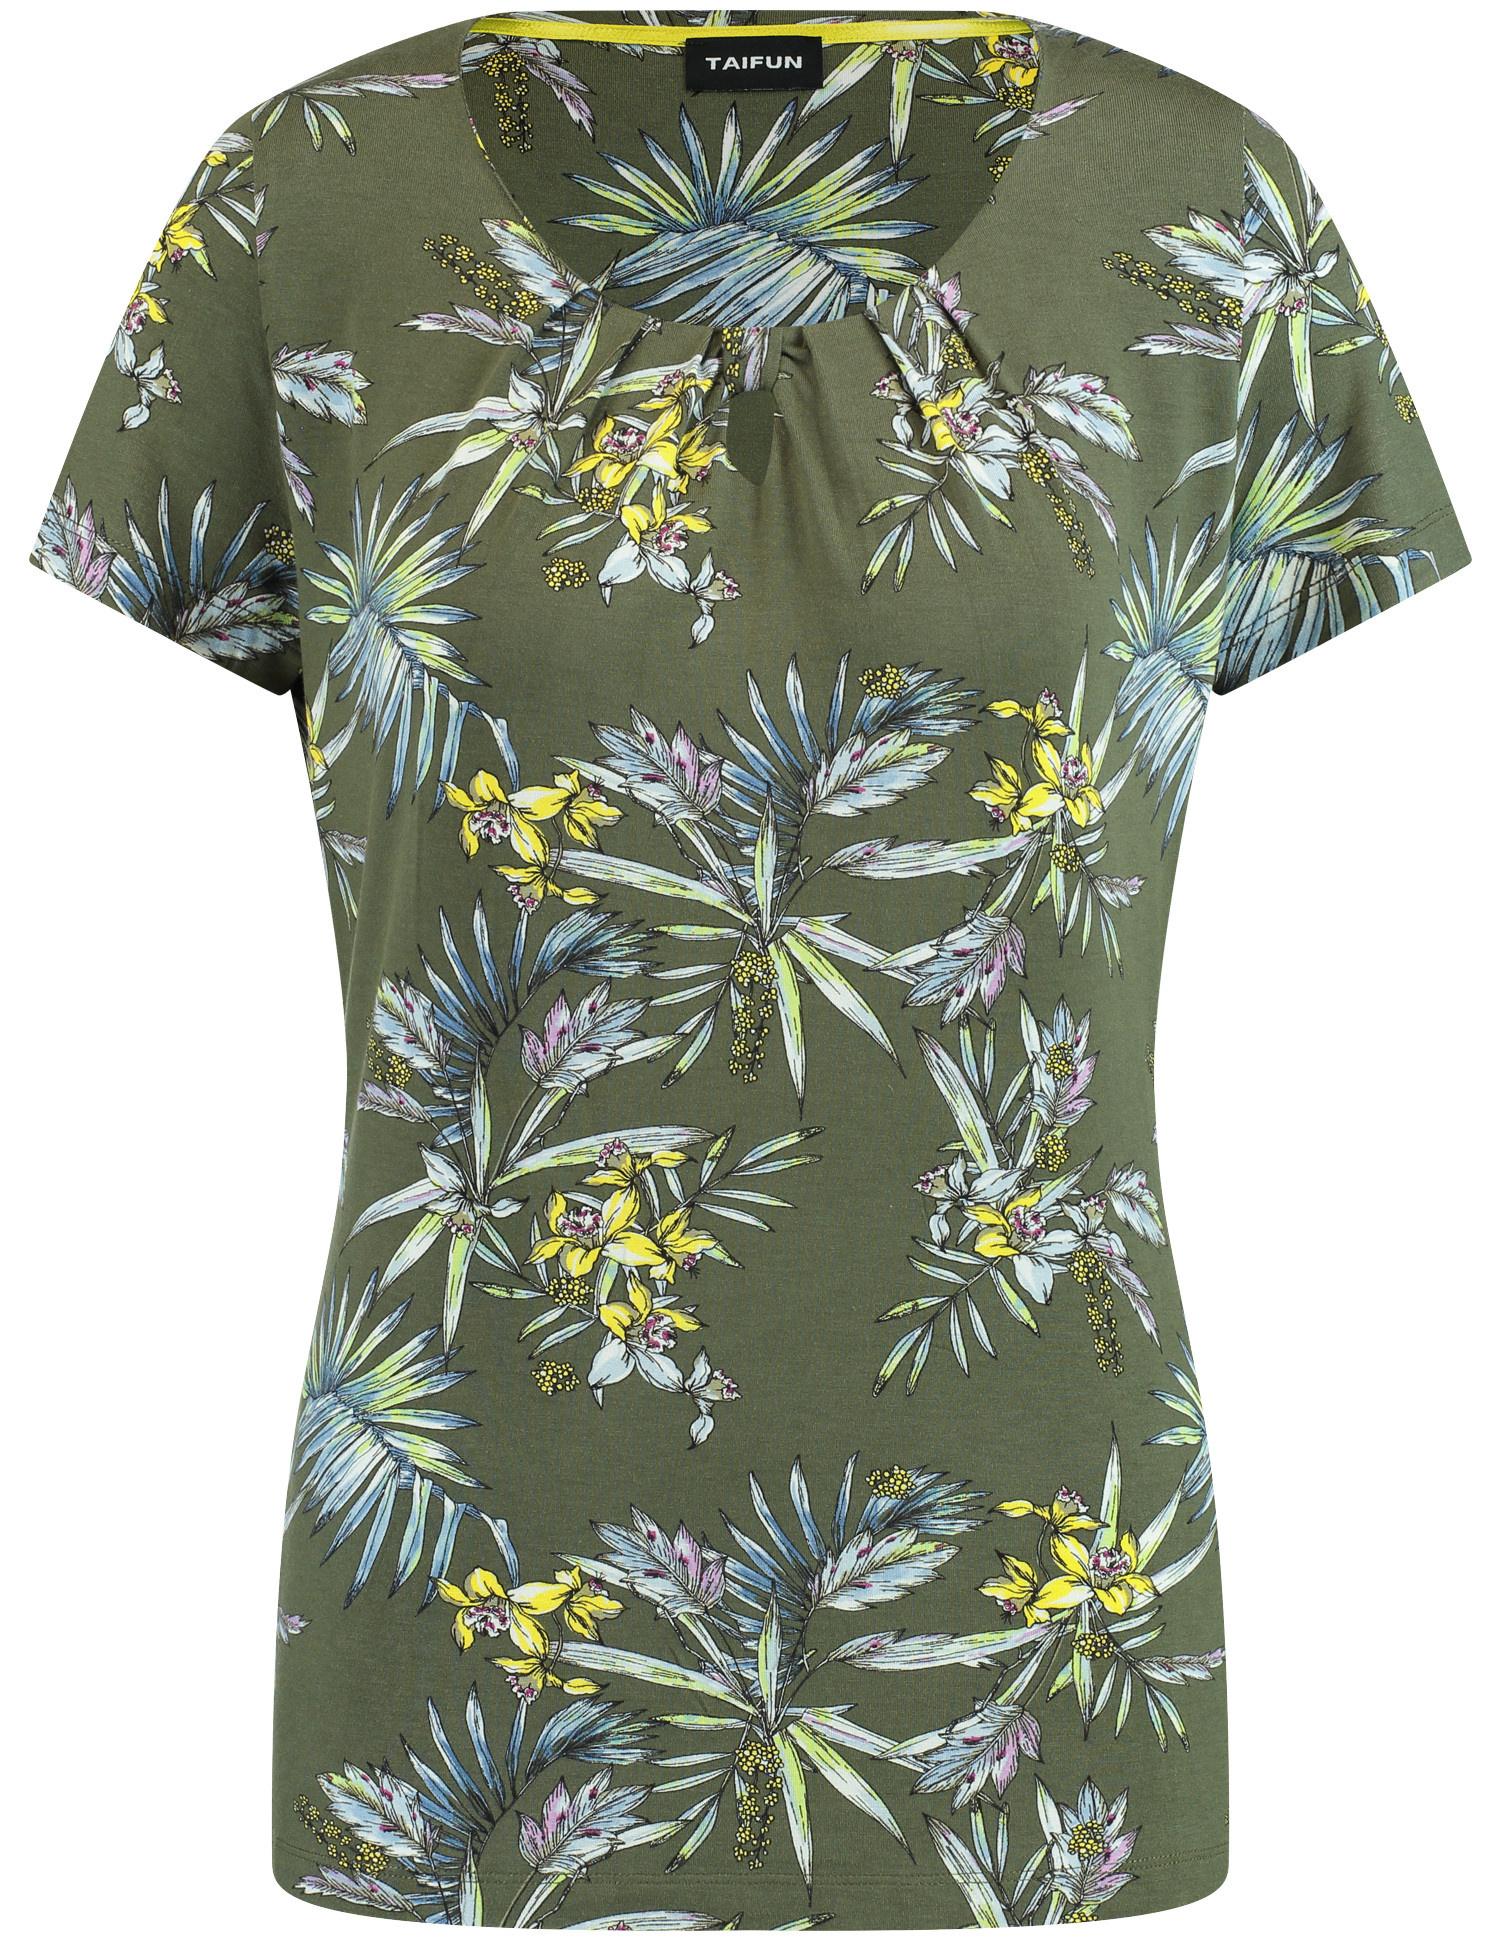 TAIFUN t-shirt imprimé-1